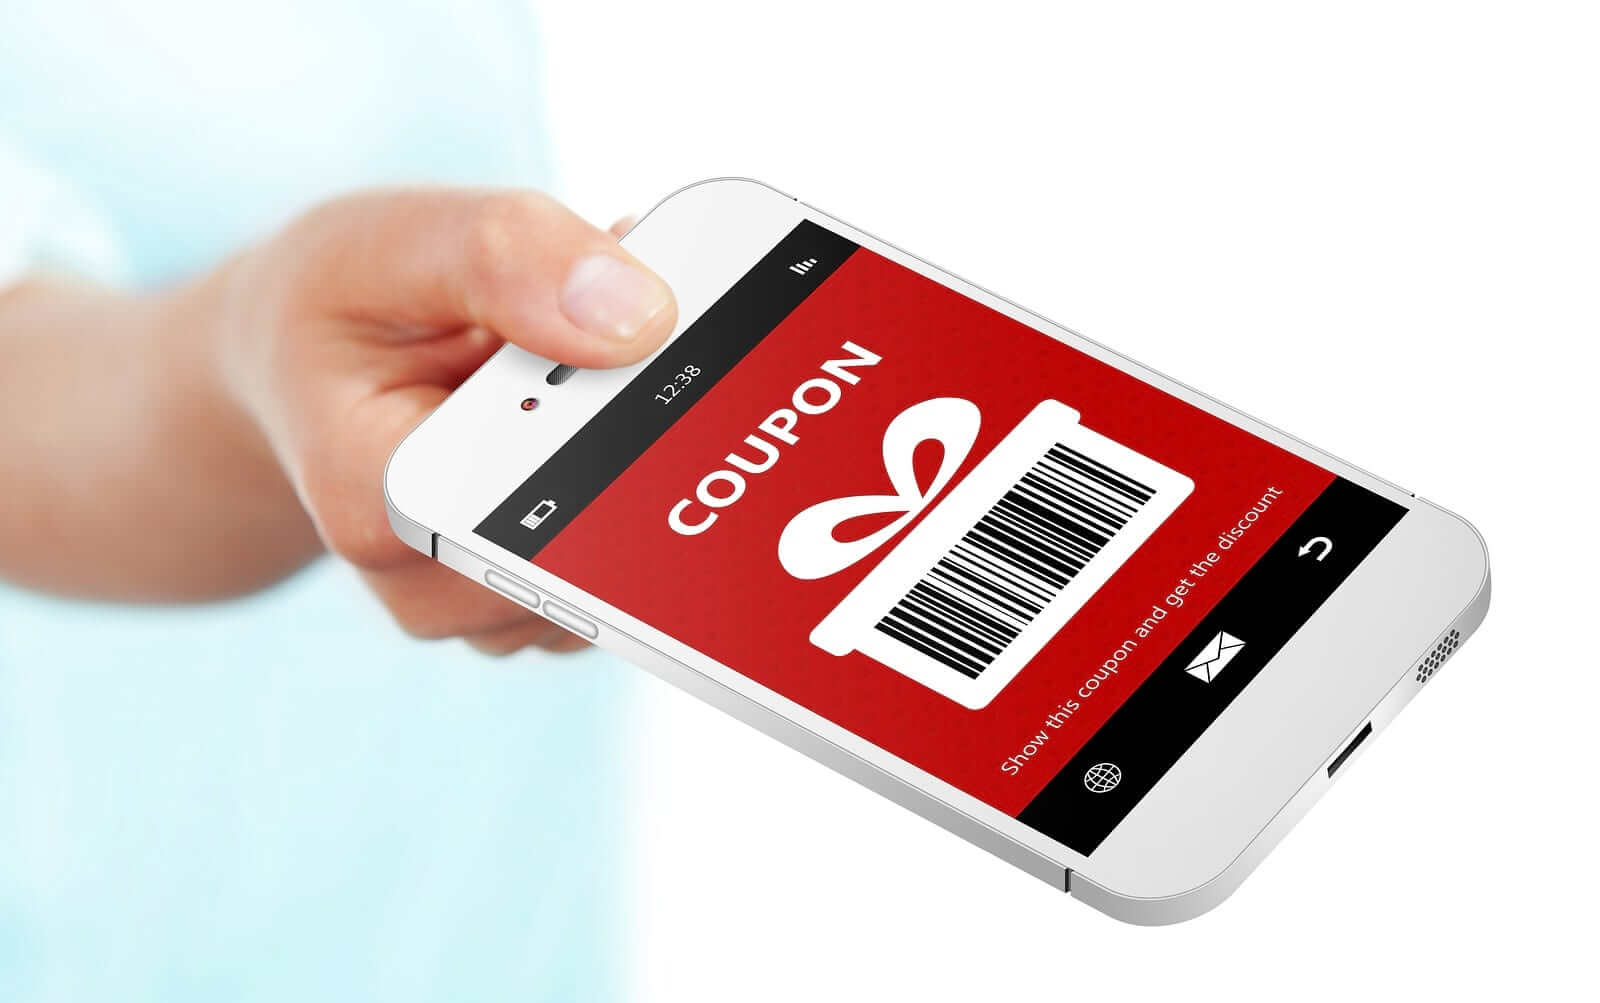 Dijital Çağda Kupon ile Müşterilere Ulaşmanın 4 Yolu